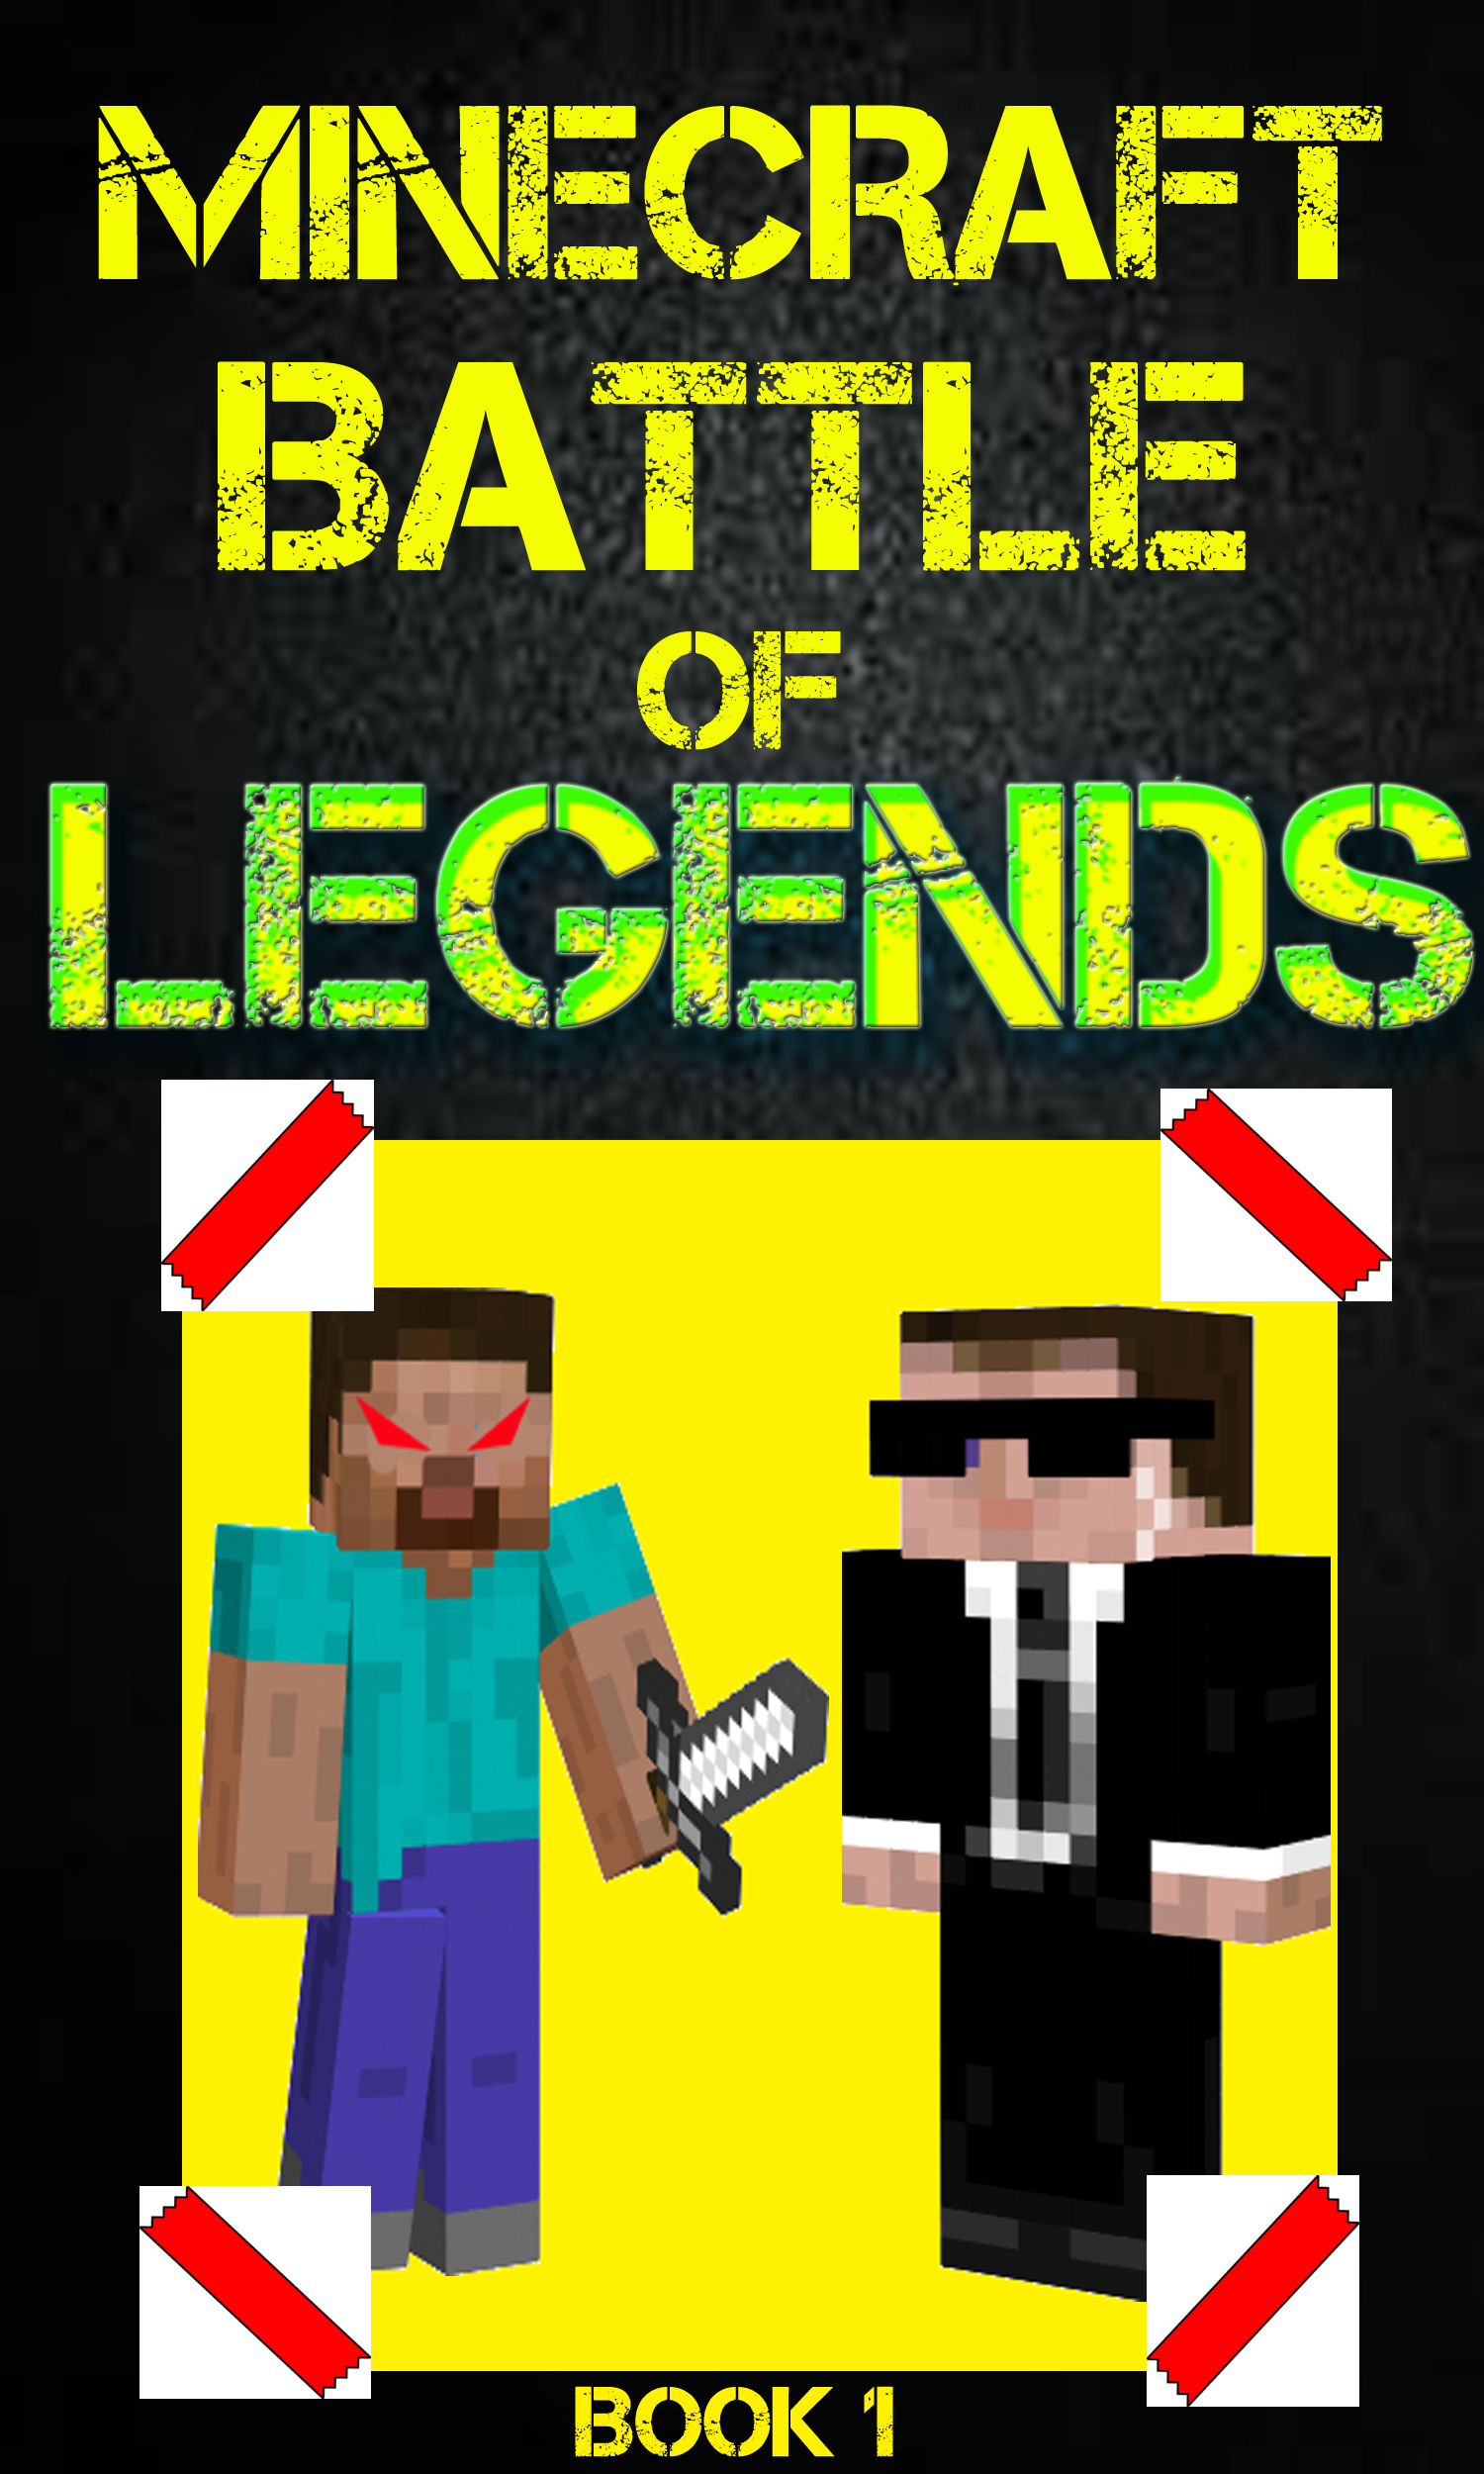 Minecraft: battle of legends book 1